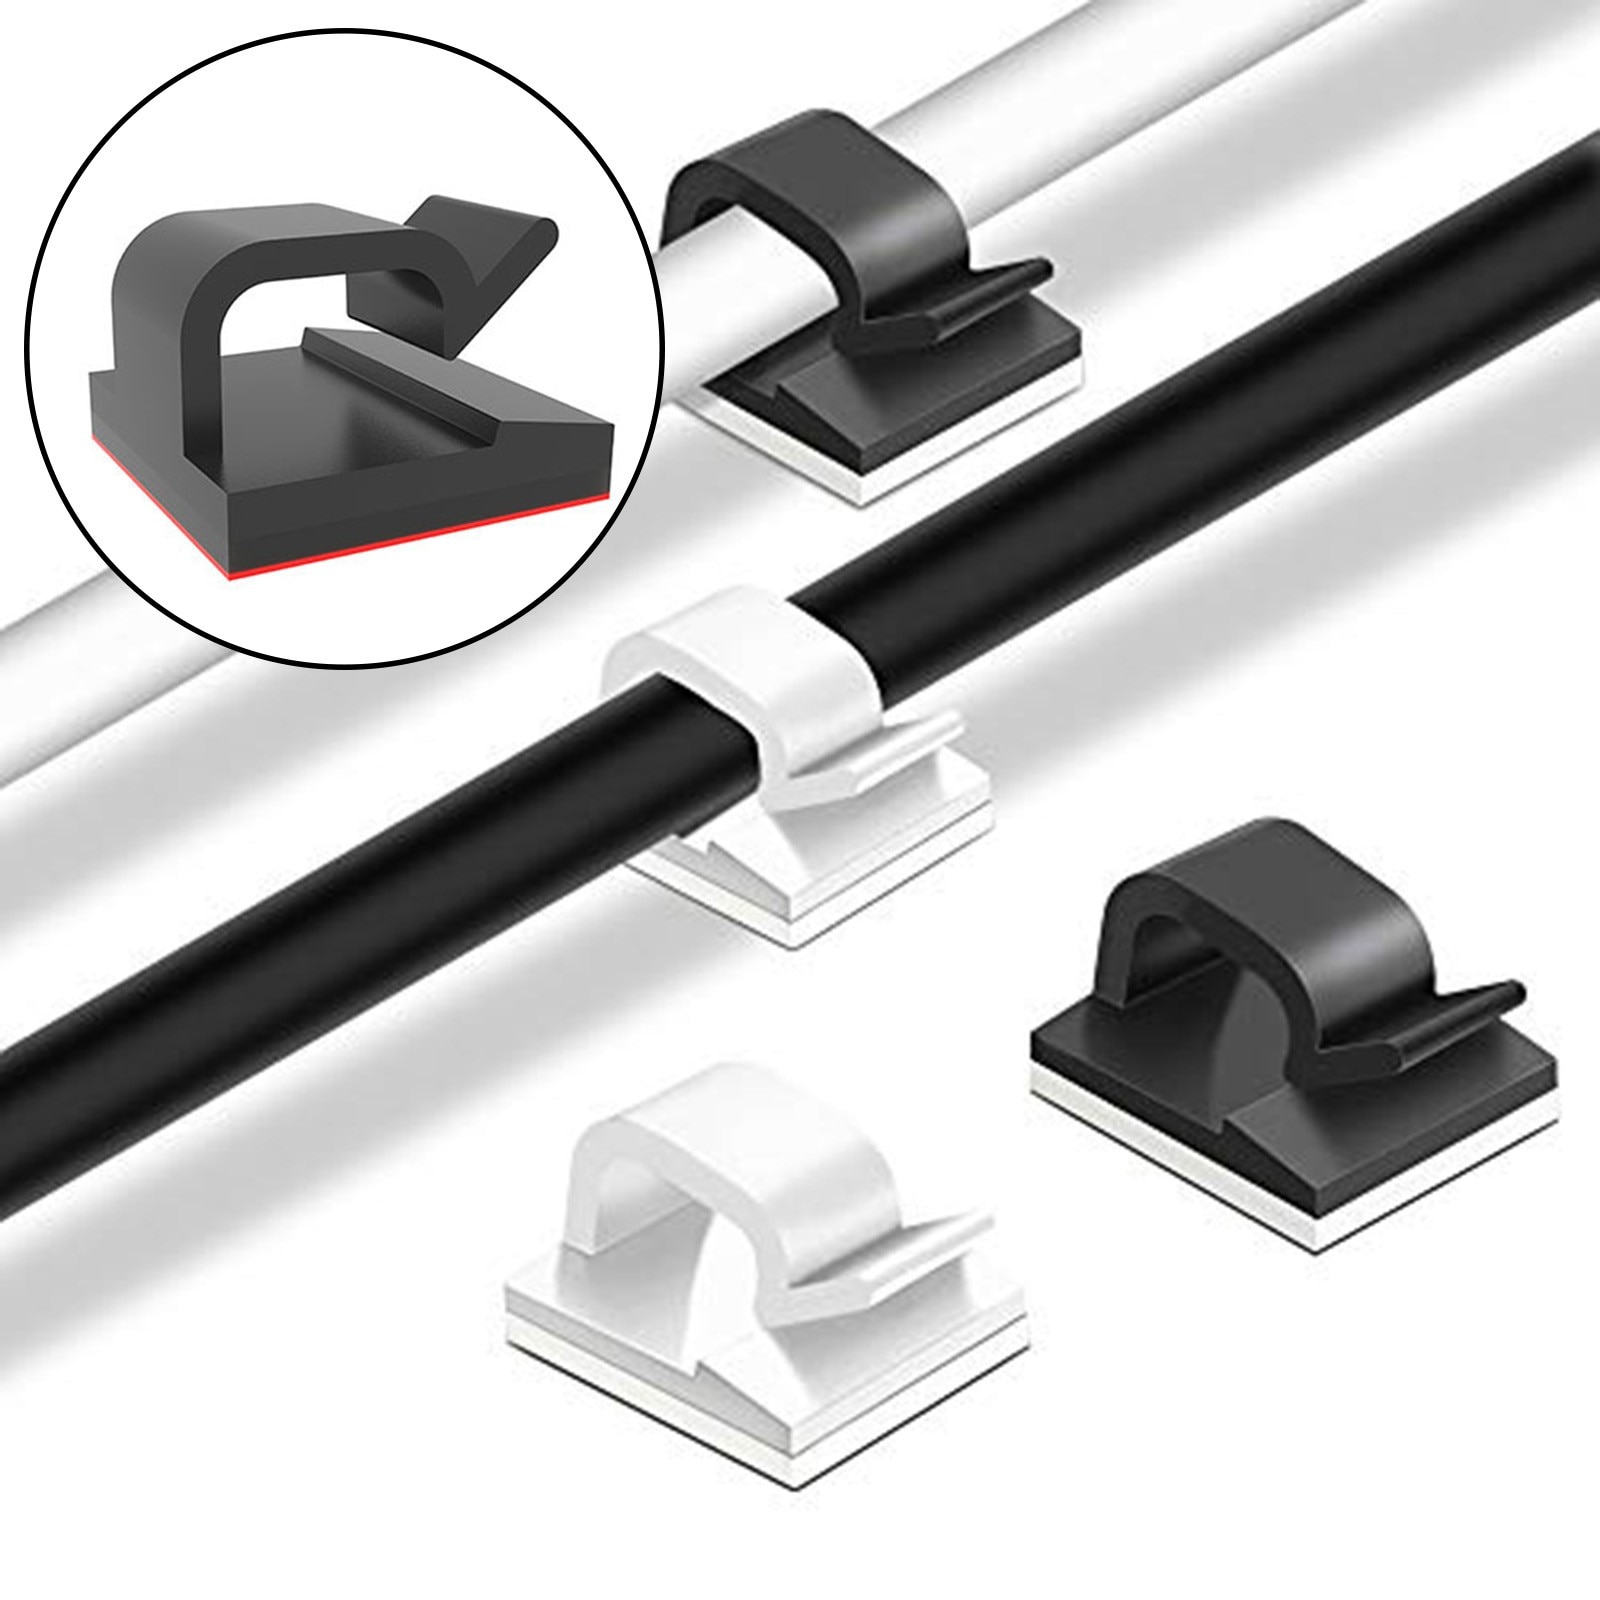 Clip De plástico para almacenamiento y clasificación De cables, Accesorios De Cocina...